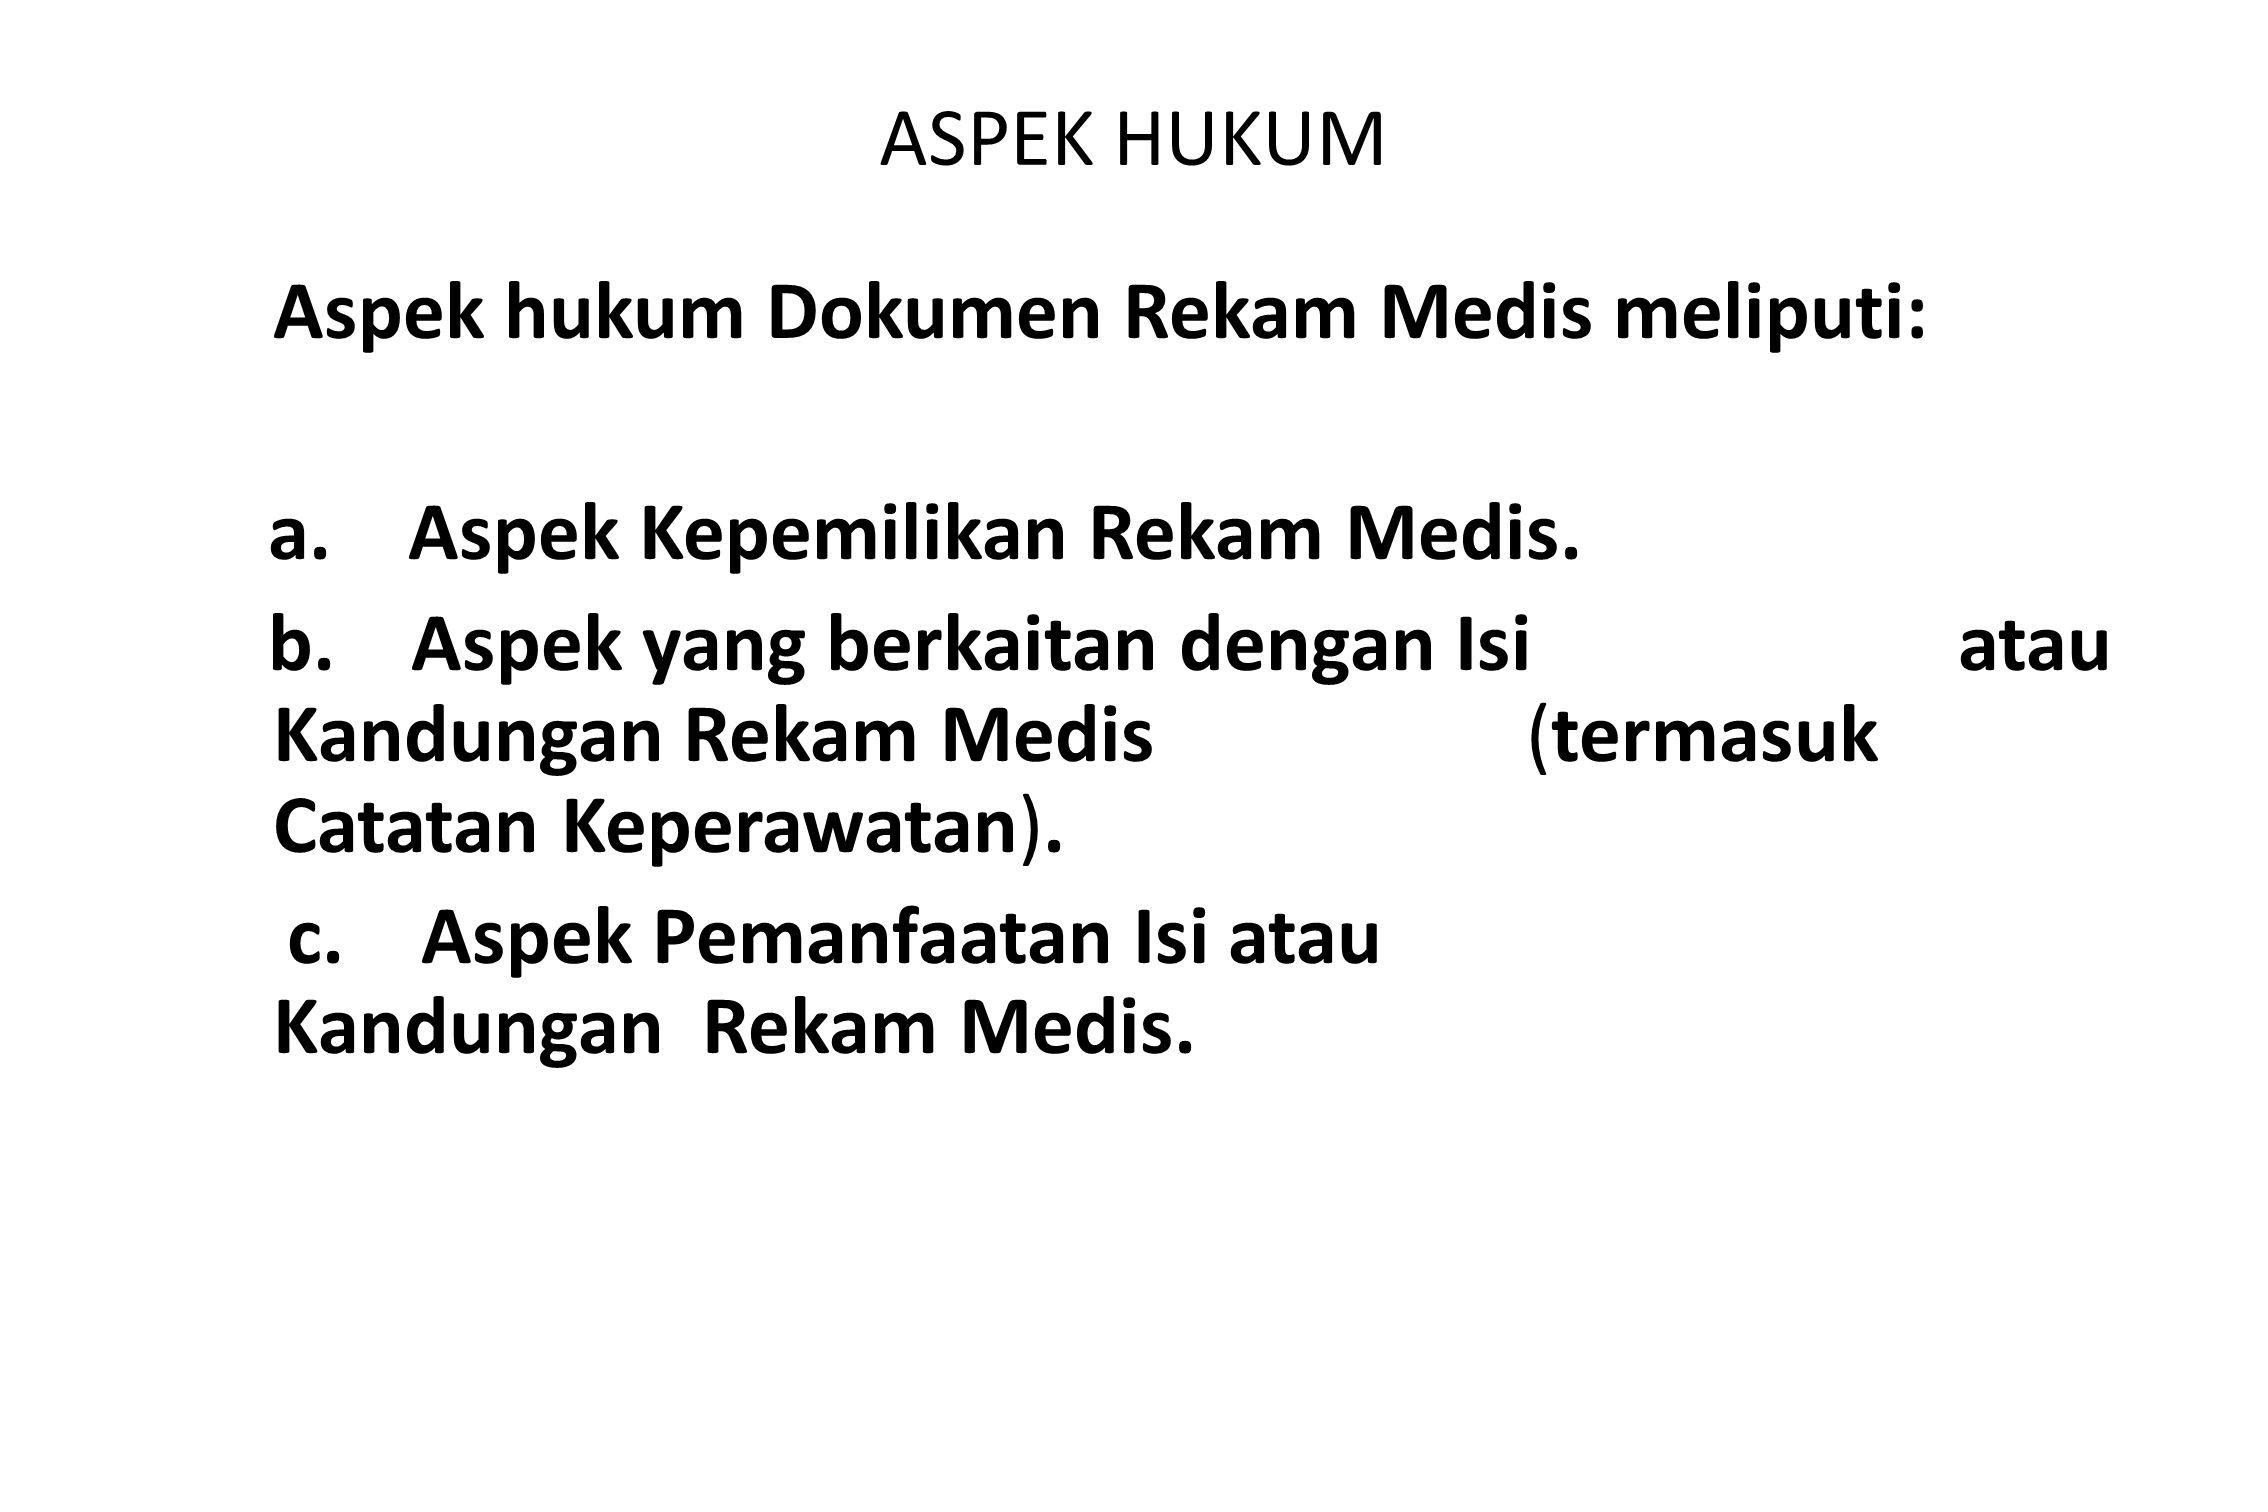 ASPEK HUKUM Aspek hukum Dokumen Rekam Medis meliputi: a. Aspek Kepemilikan Rekam Medis. b. Aspek yang berkaitan dengan Isi atau Kandungan Rekam Medis